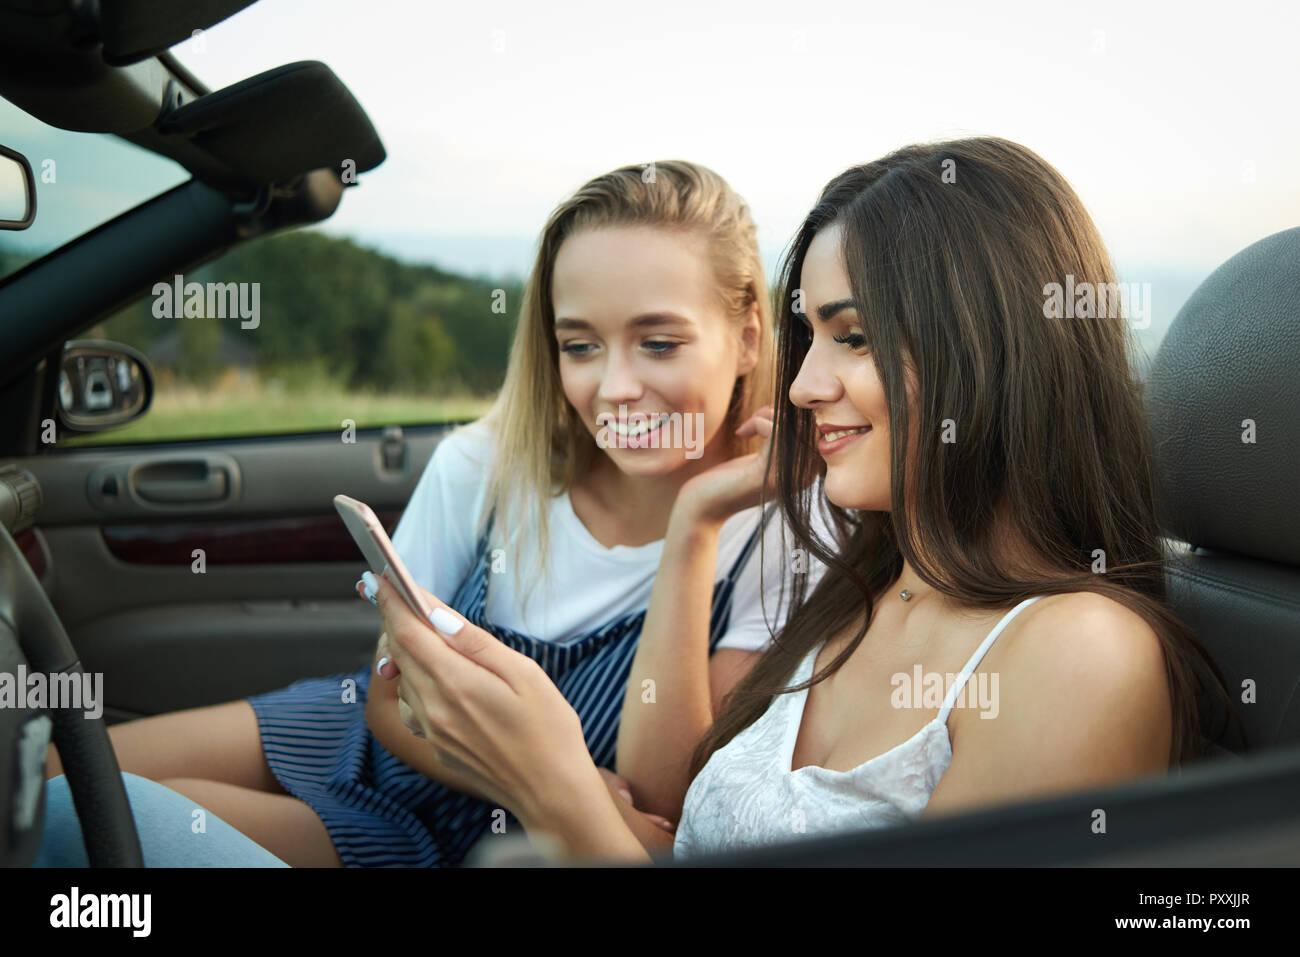 Bella bruna e biondo seduto sulla parte anteriore saet di automobile. Due  amiche in posa f5c7187317c9